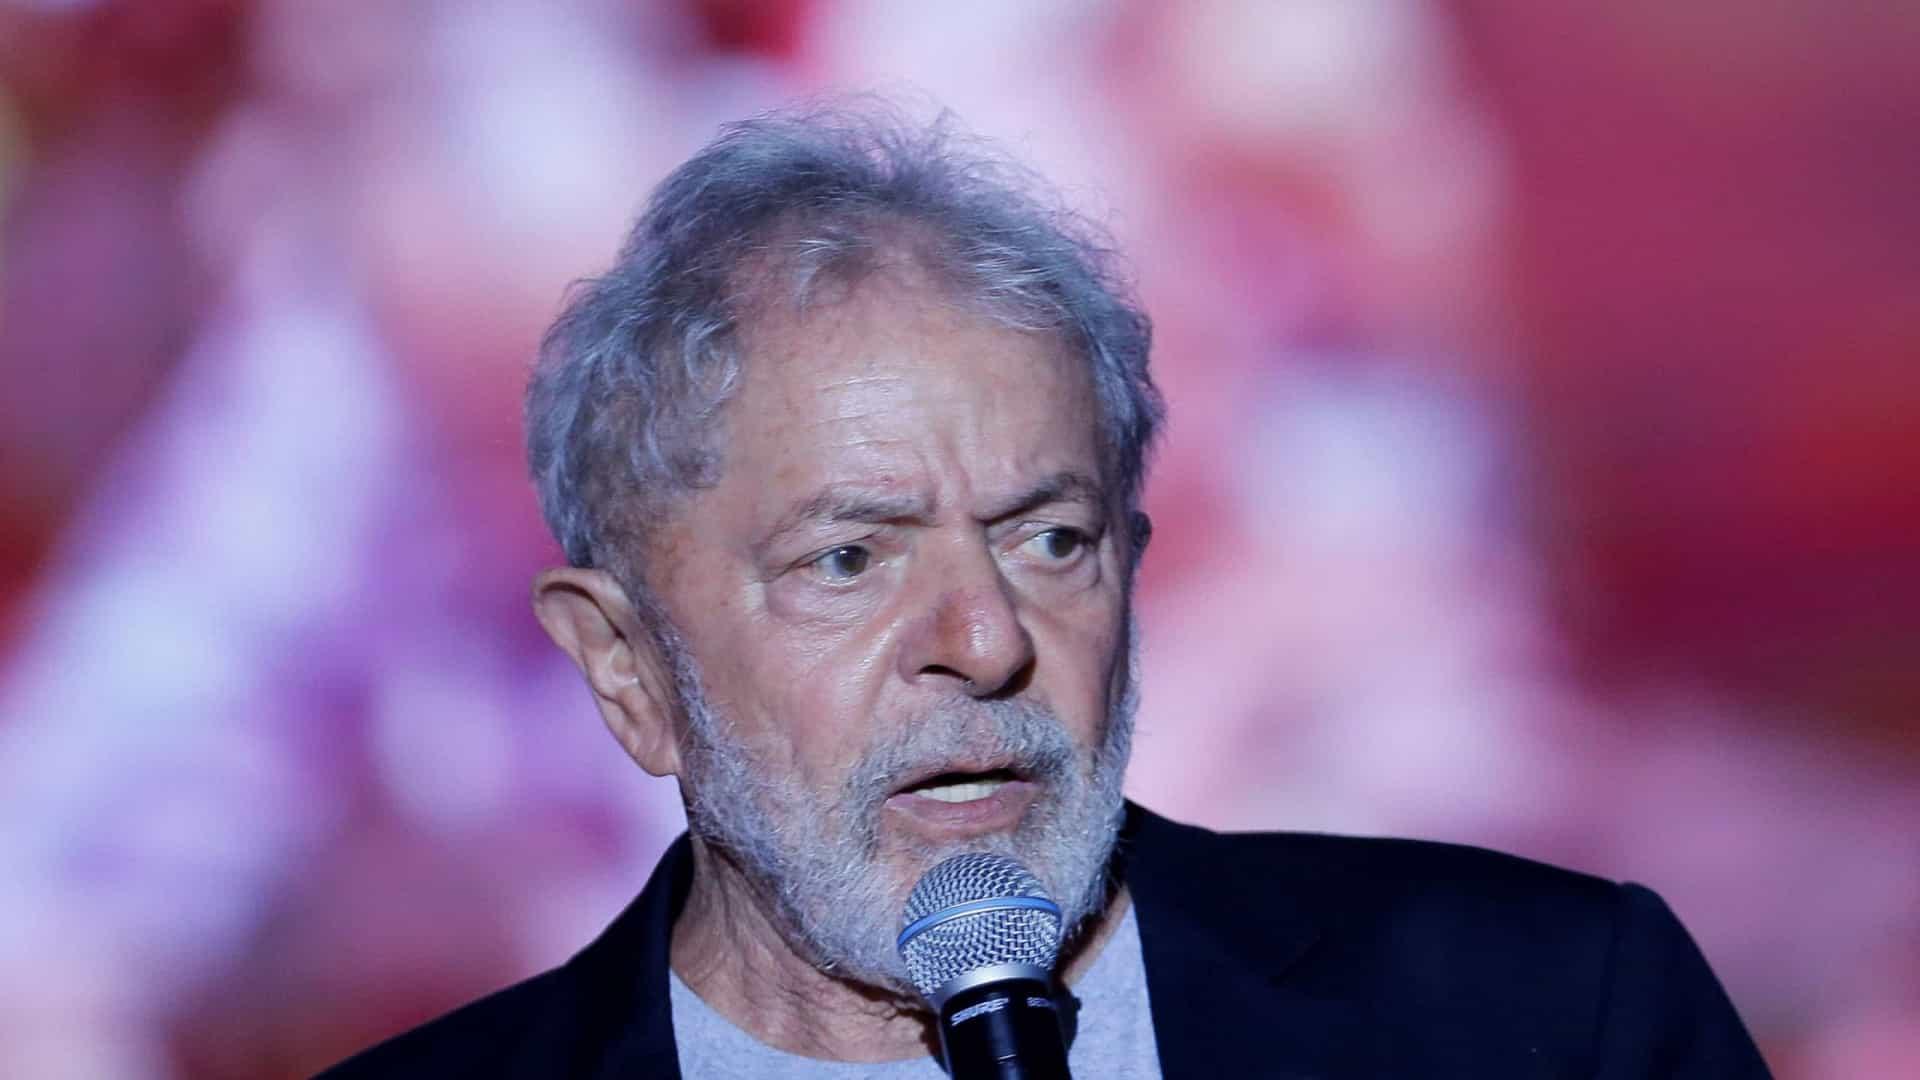 naom 5ddee14b114b2 - Justiça manda informar Lula sobre cooperação dos EUA na Lava Jato